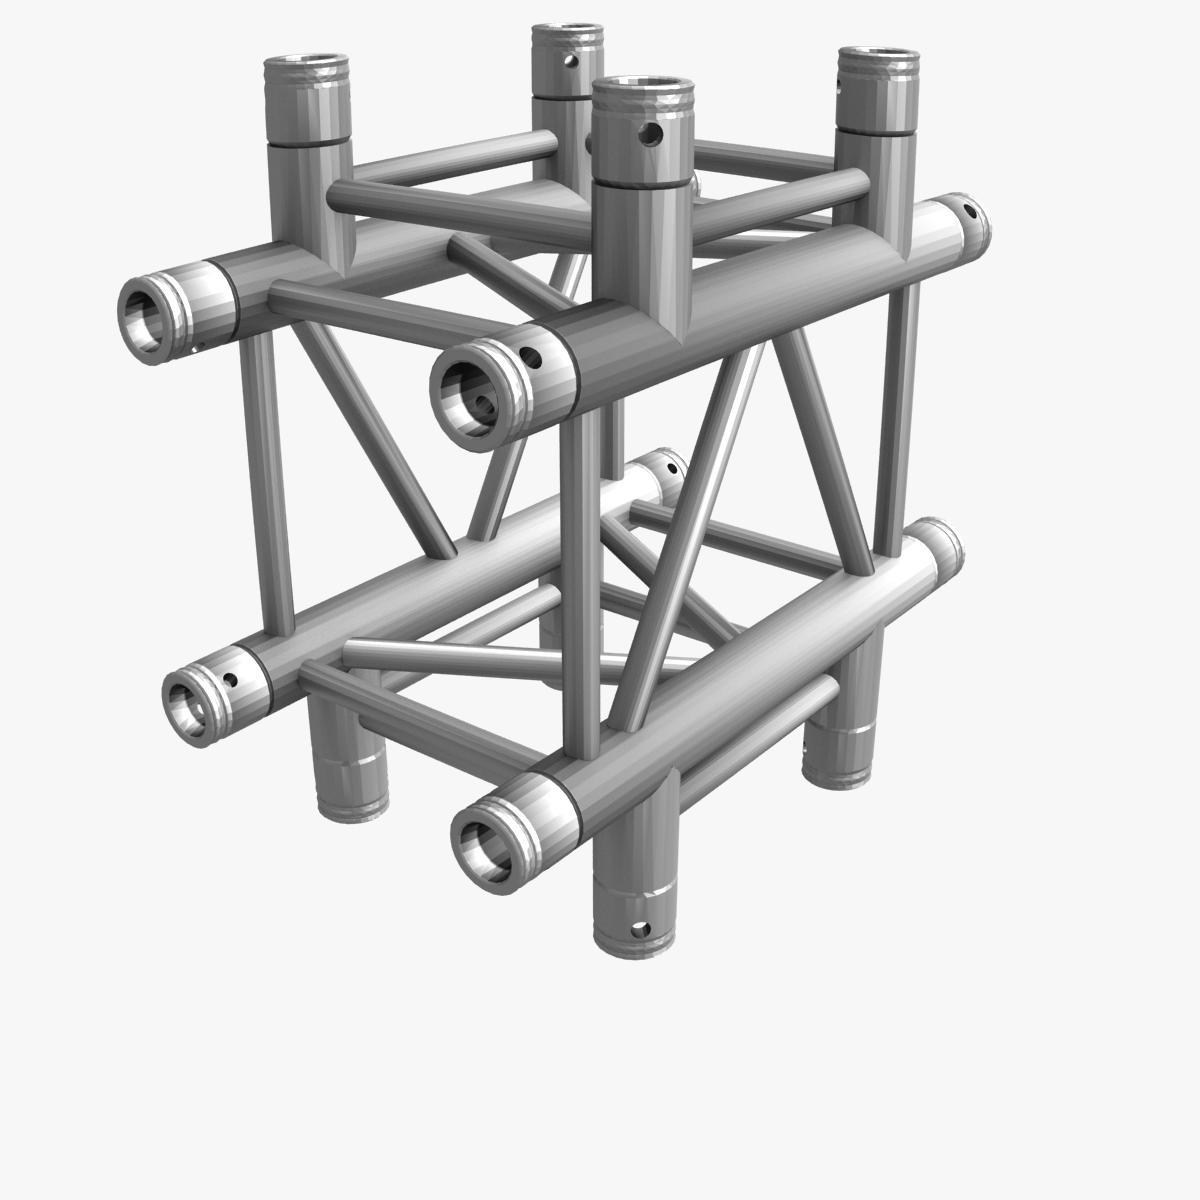 square light trusses (collection 50 modular) 3d model 3ds max dxf fbx c4d dae texture obj 216173